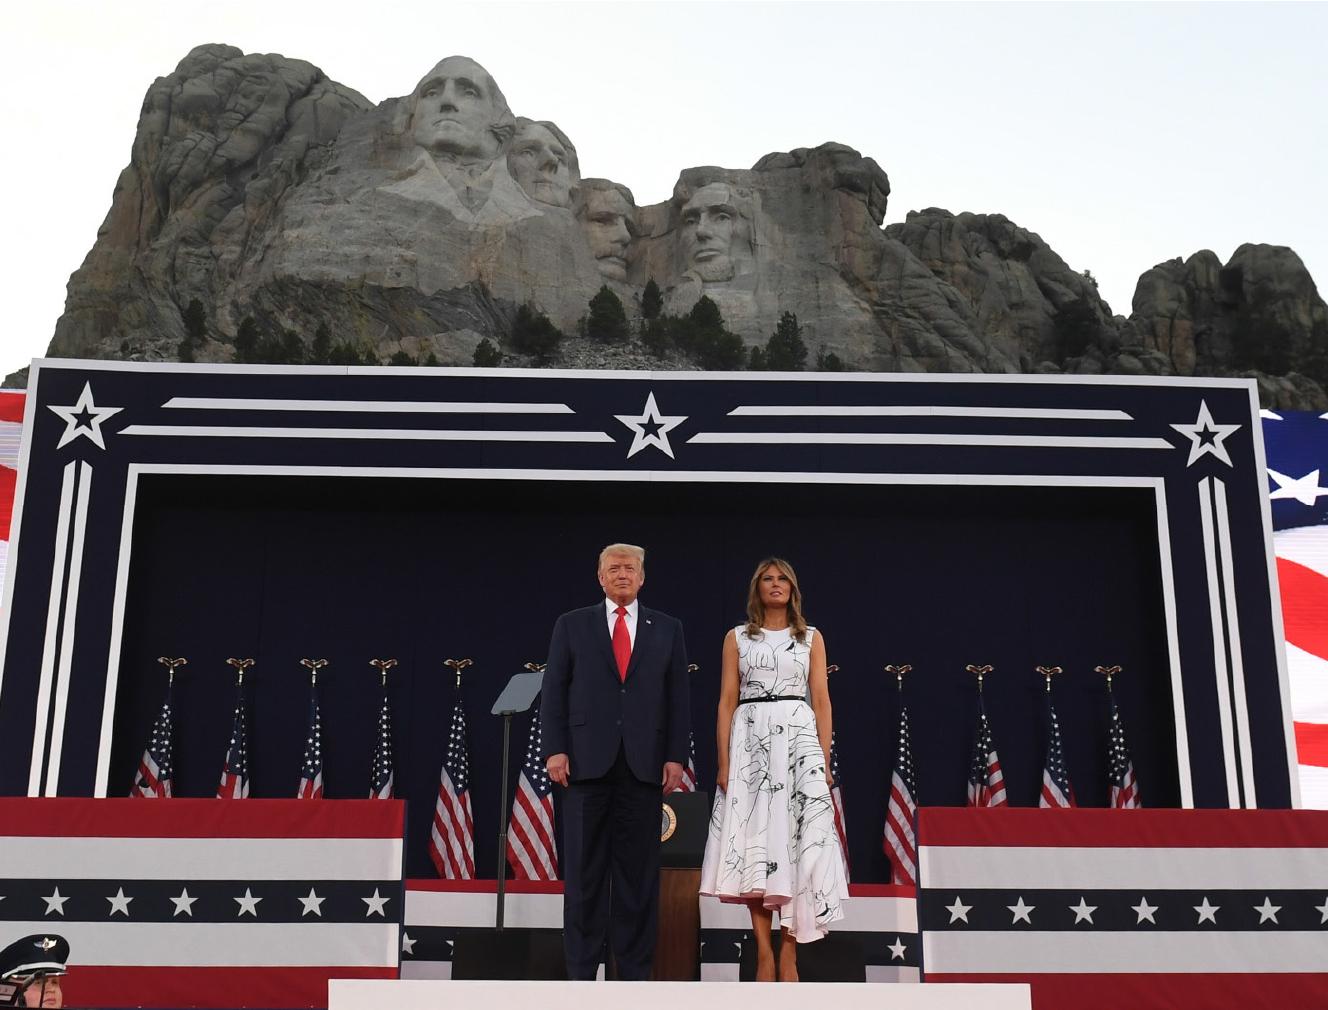 圖為美國總統特朗普和第一夫人梅拉妮婭7月3日在總統山,參加紀念7月4日獨立日的慶祝活動。(AFP)